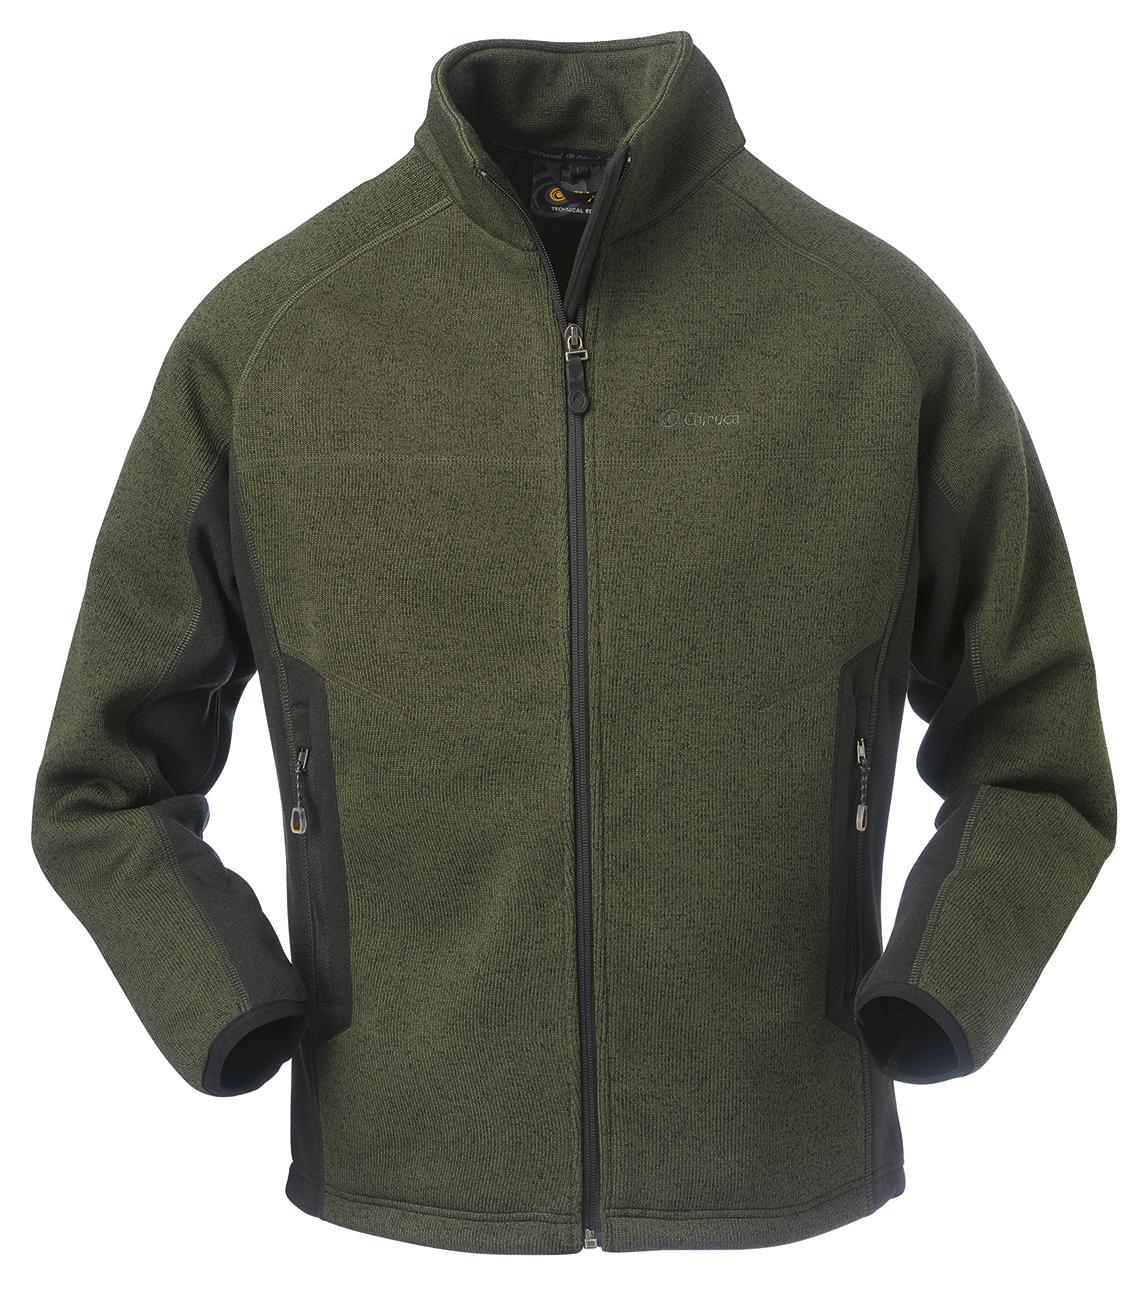 Chiruca presenta su nueva chaqueta deportiva